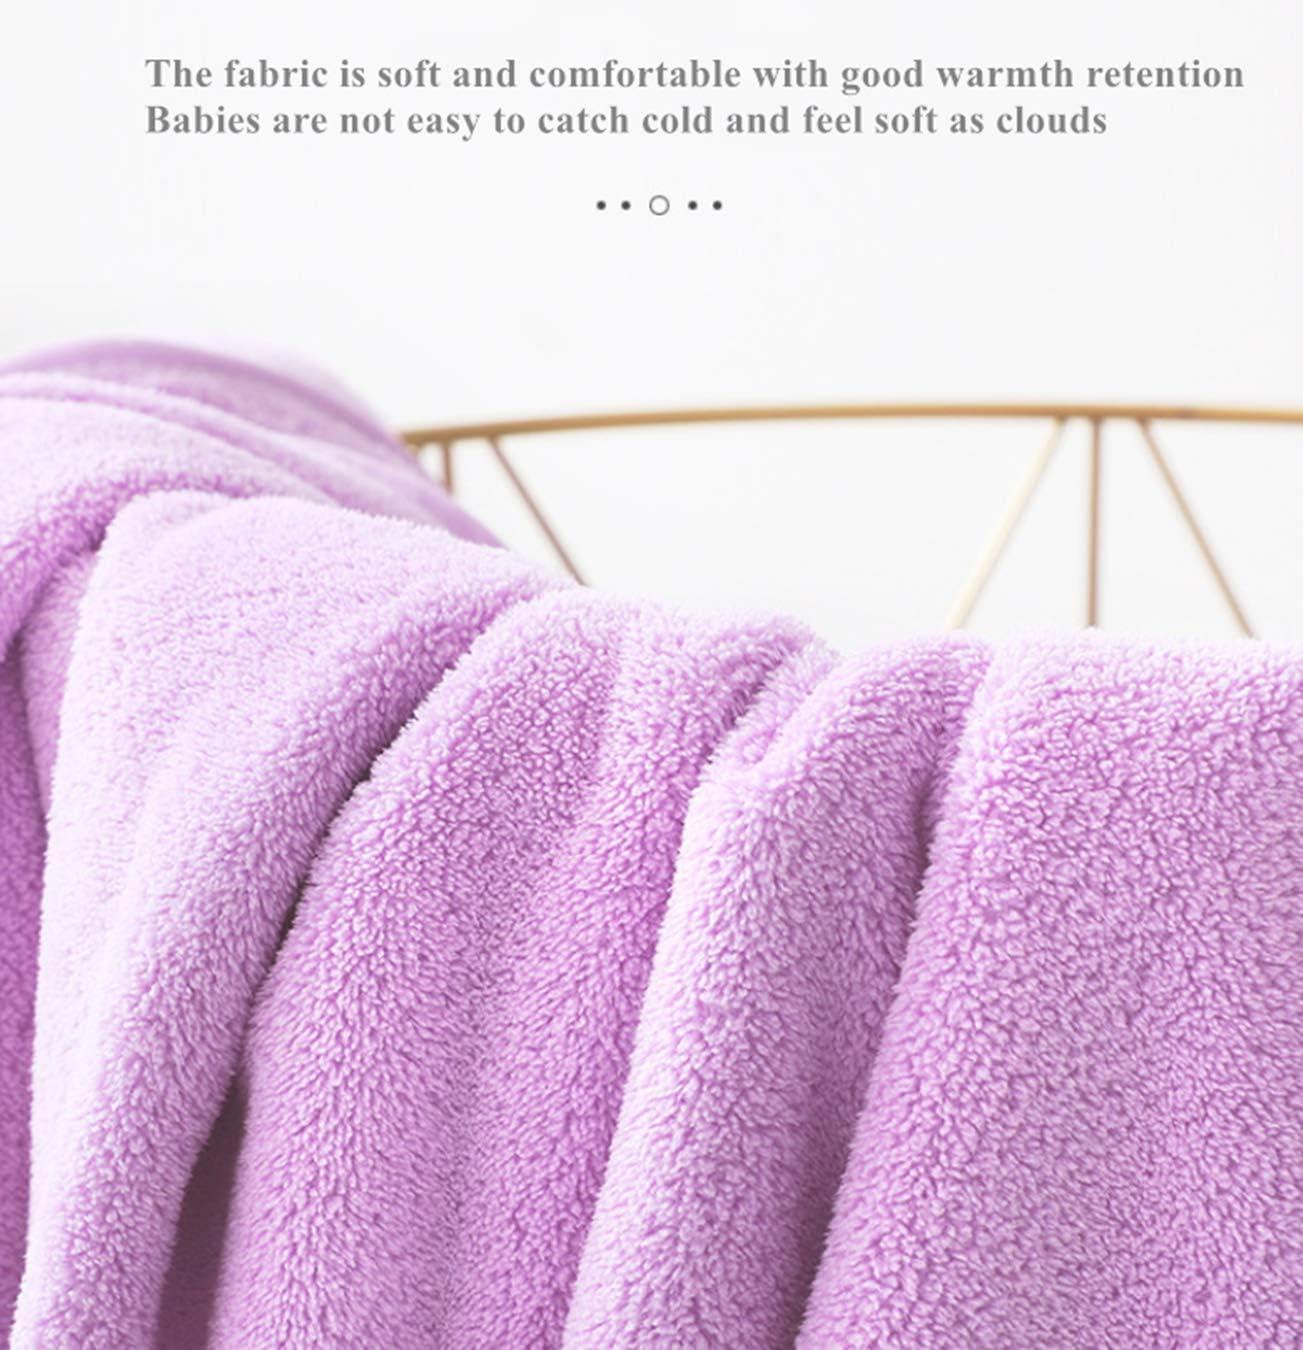 HUOCAI Ni/ños Encapuchado Toalla Extra grande y absorbente Divertida Capucha para 0-6 a/ños Ni/ños Toallas de Ba/ño para Ni/ños y Ni/ñas Talla 70x140 cm rosado Toalla de beb/é con capucha